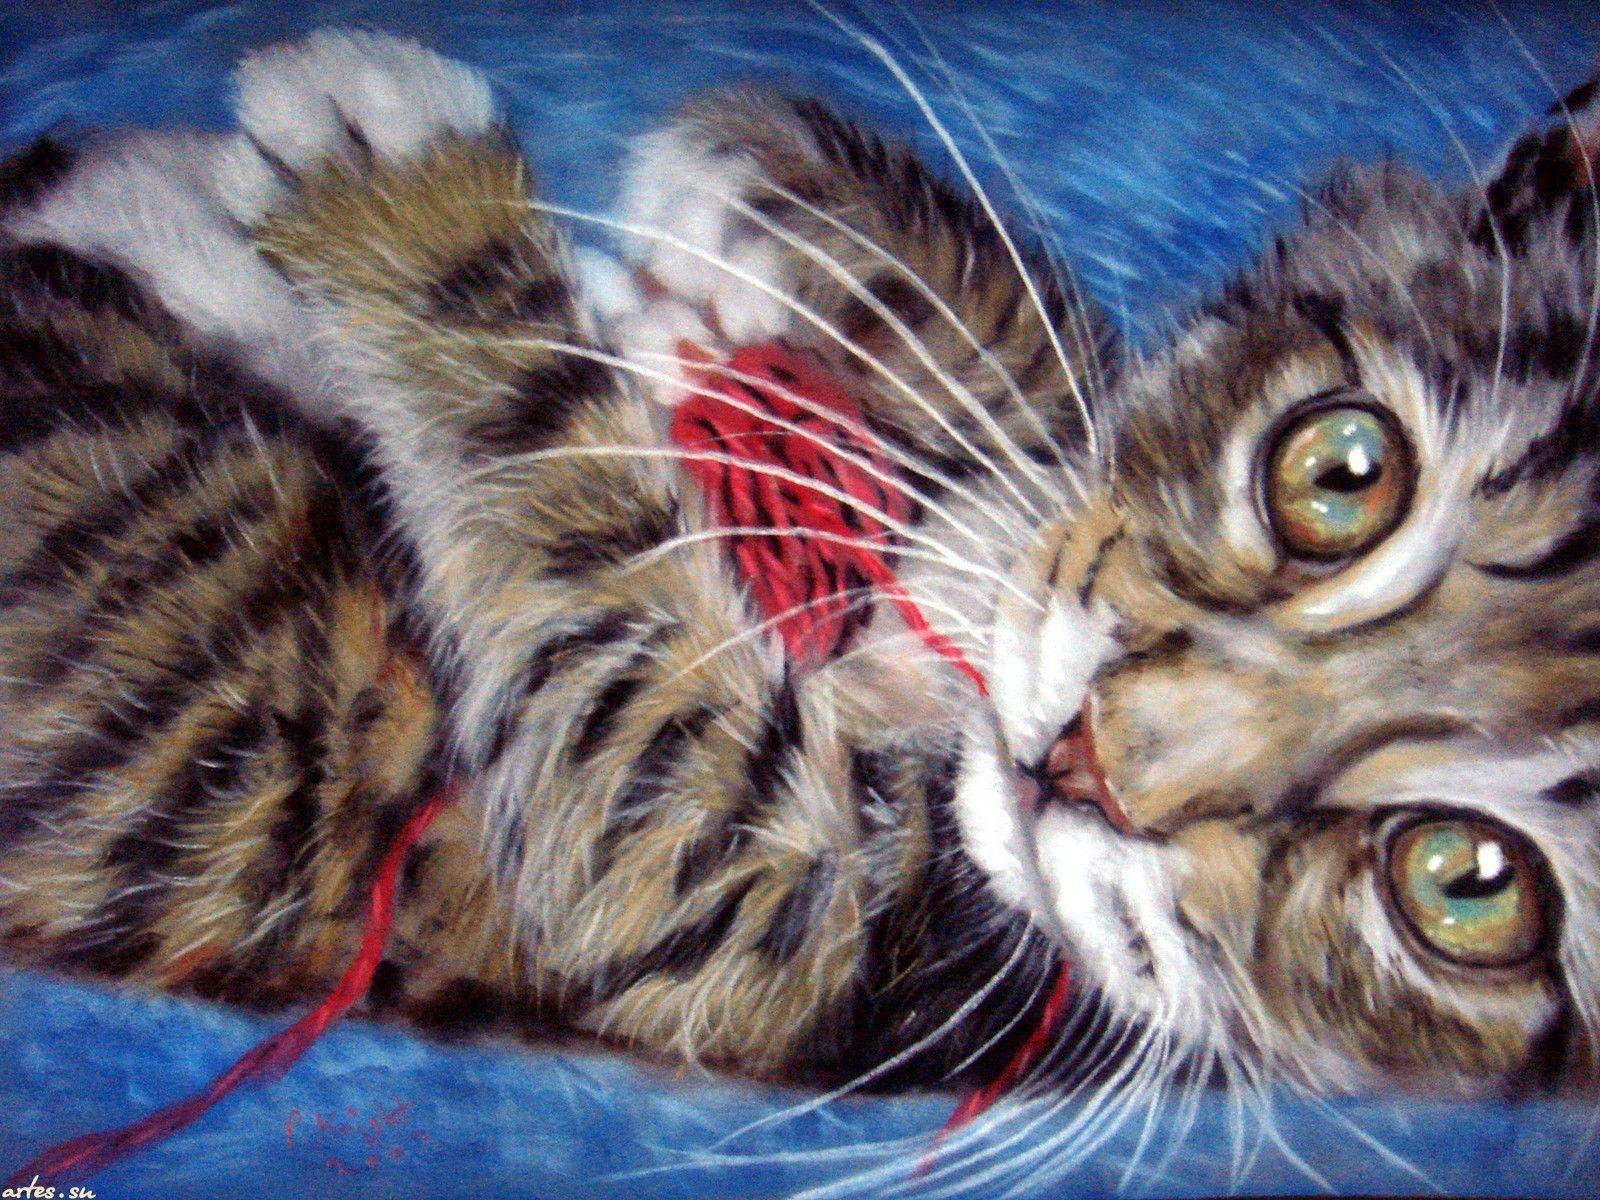 котенок играет с клубком, Paul Knight (With images) | Cat ...